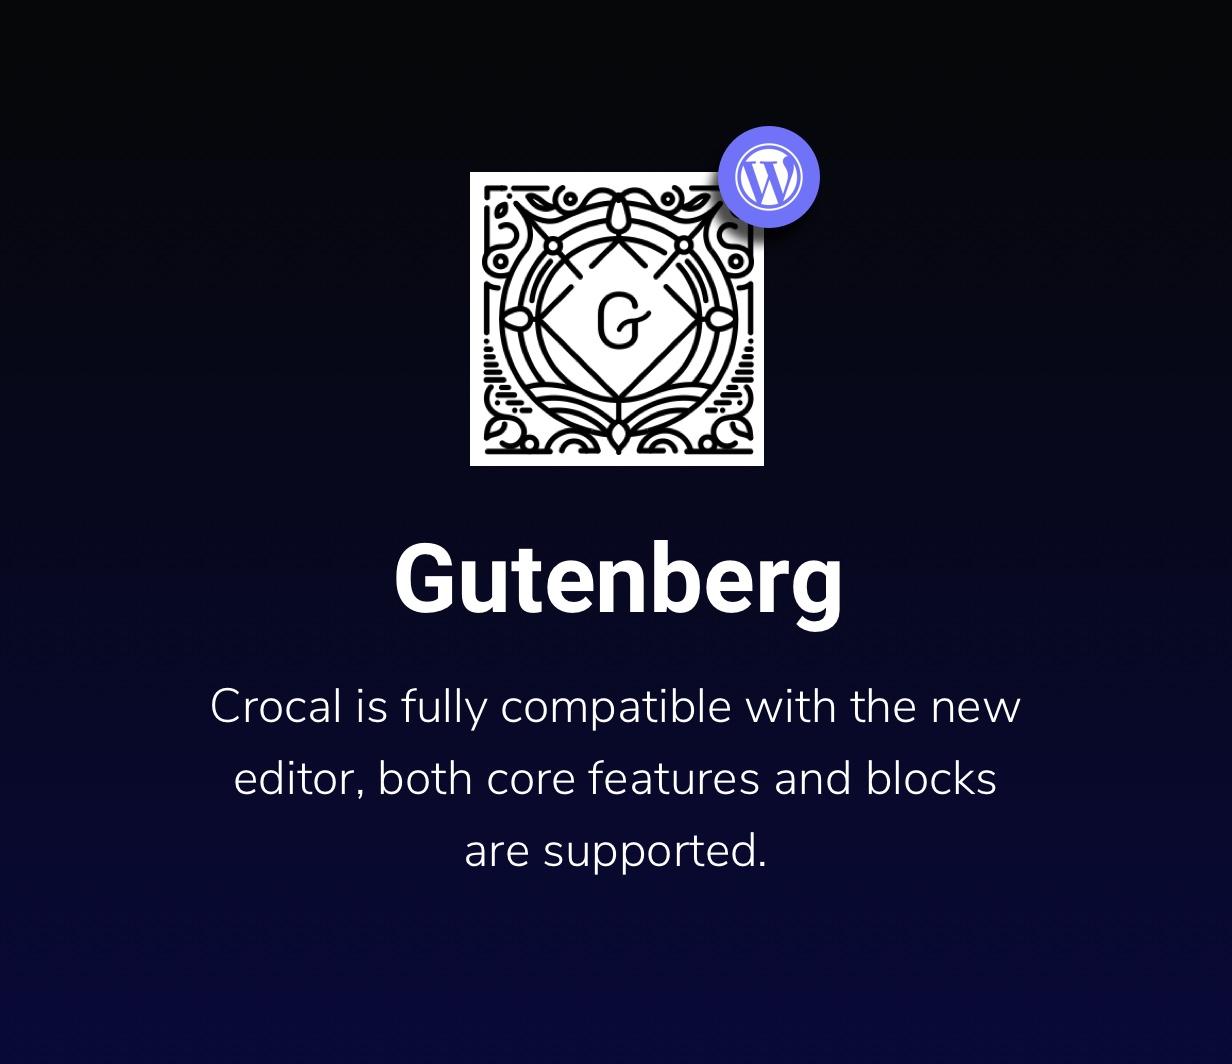 Crocal Gutenberg